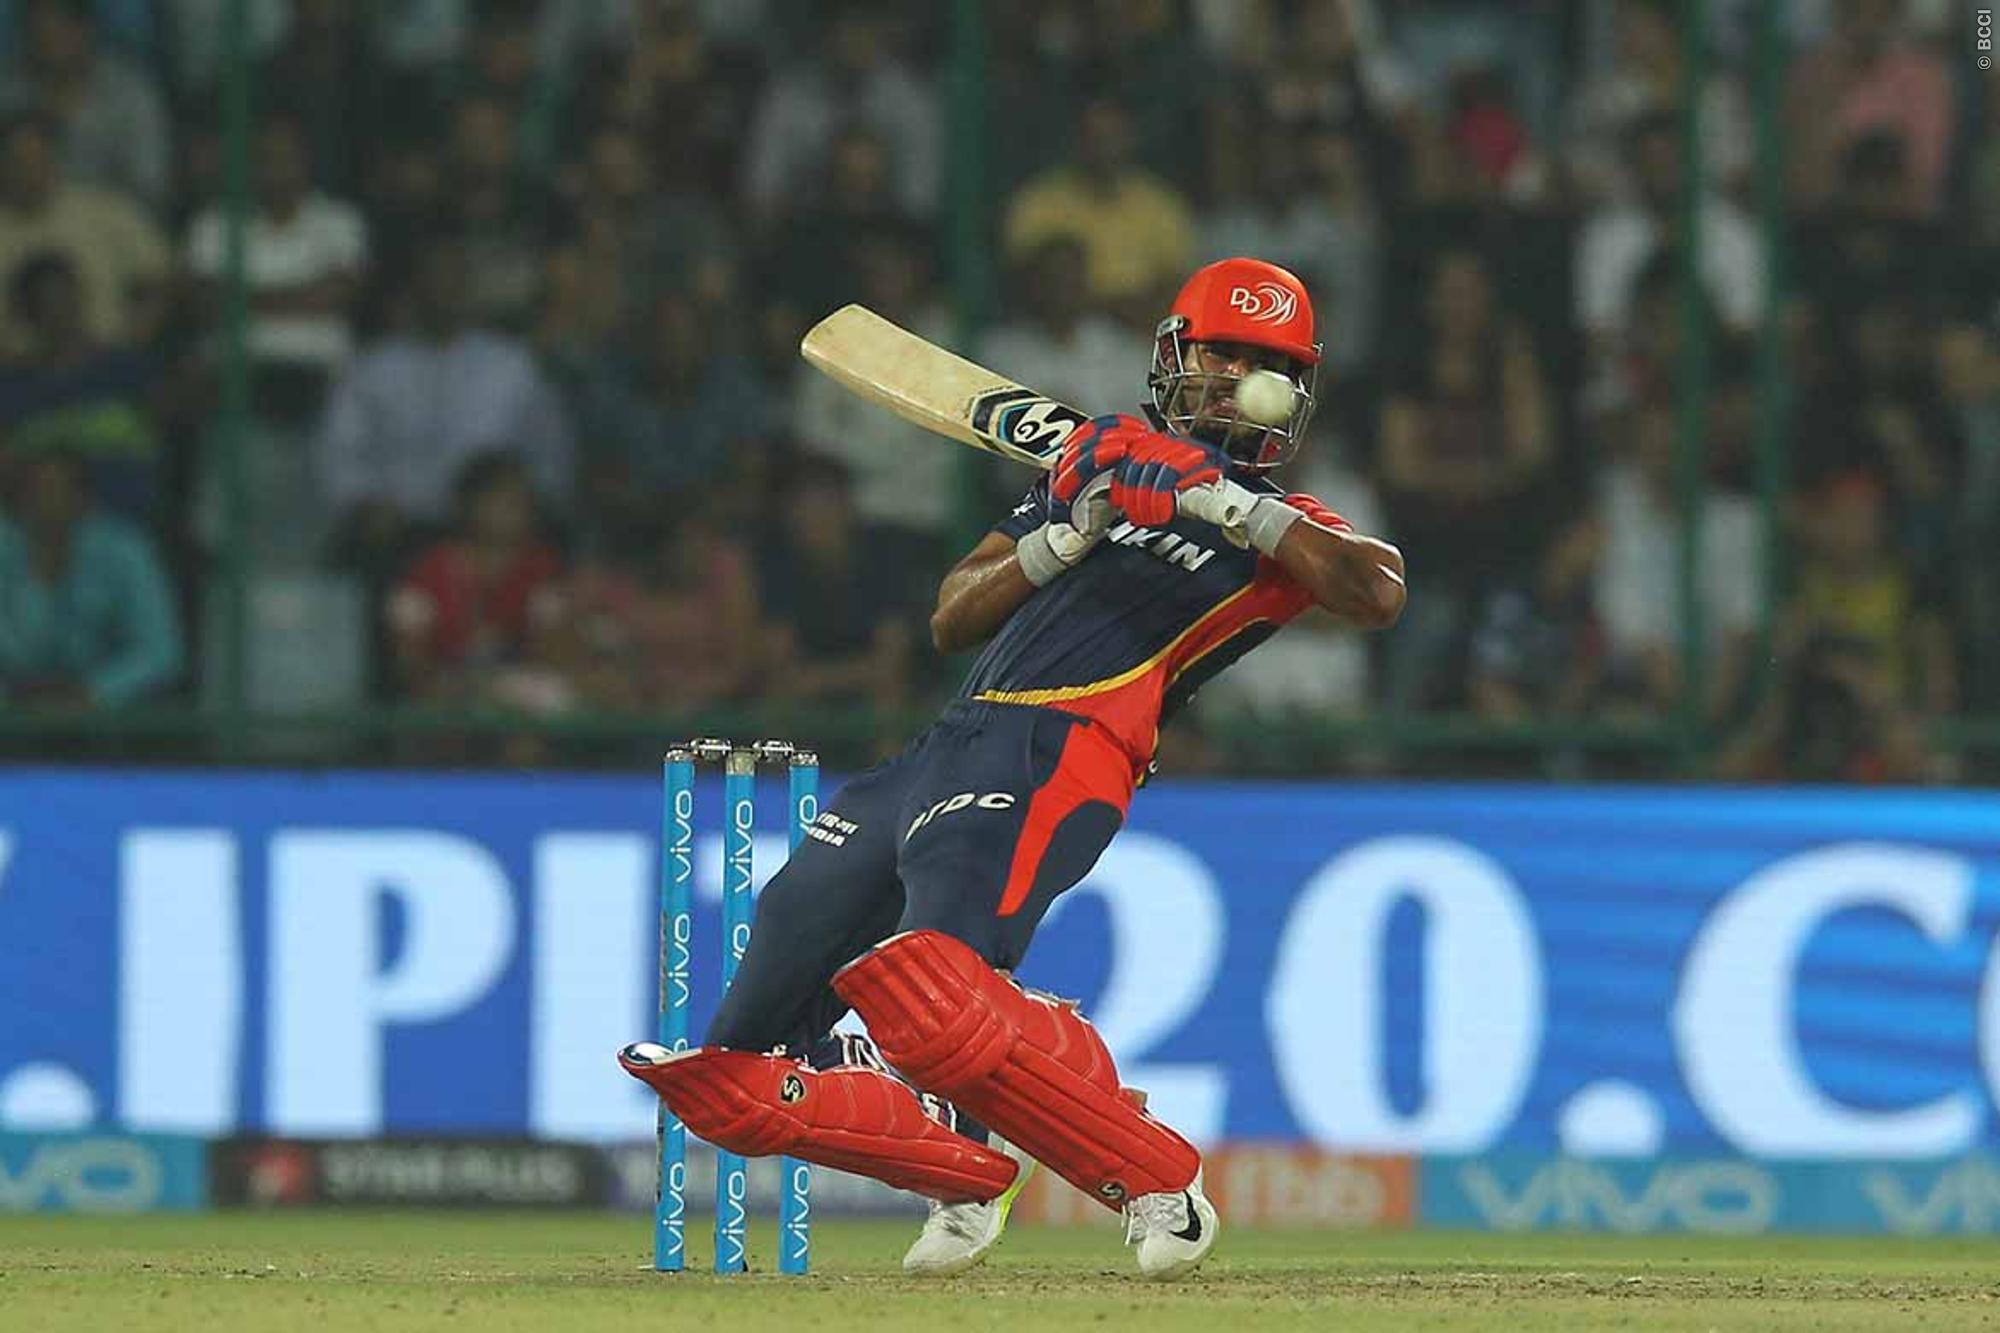 किसने क्या कहा: क्रिकेट दिग्गज से लेकर बॉलीवुड हुआ दिल्ली की जीत से खुश, कोलकाता का मजाक बनाते हुए आये ऐसे कमेन्ट देख हंसी नहीं रोक पायेंगे आप 15